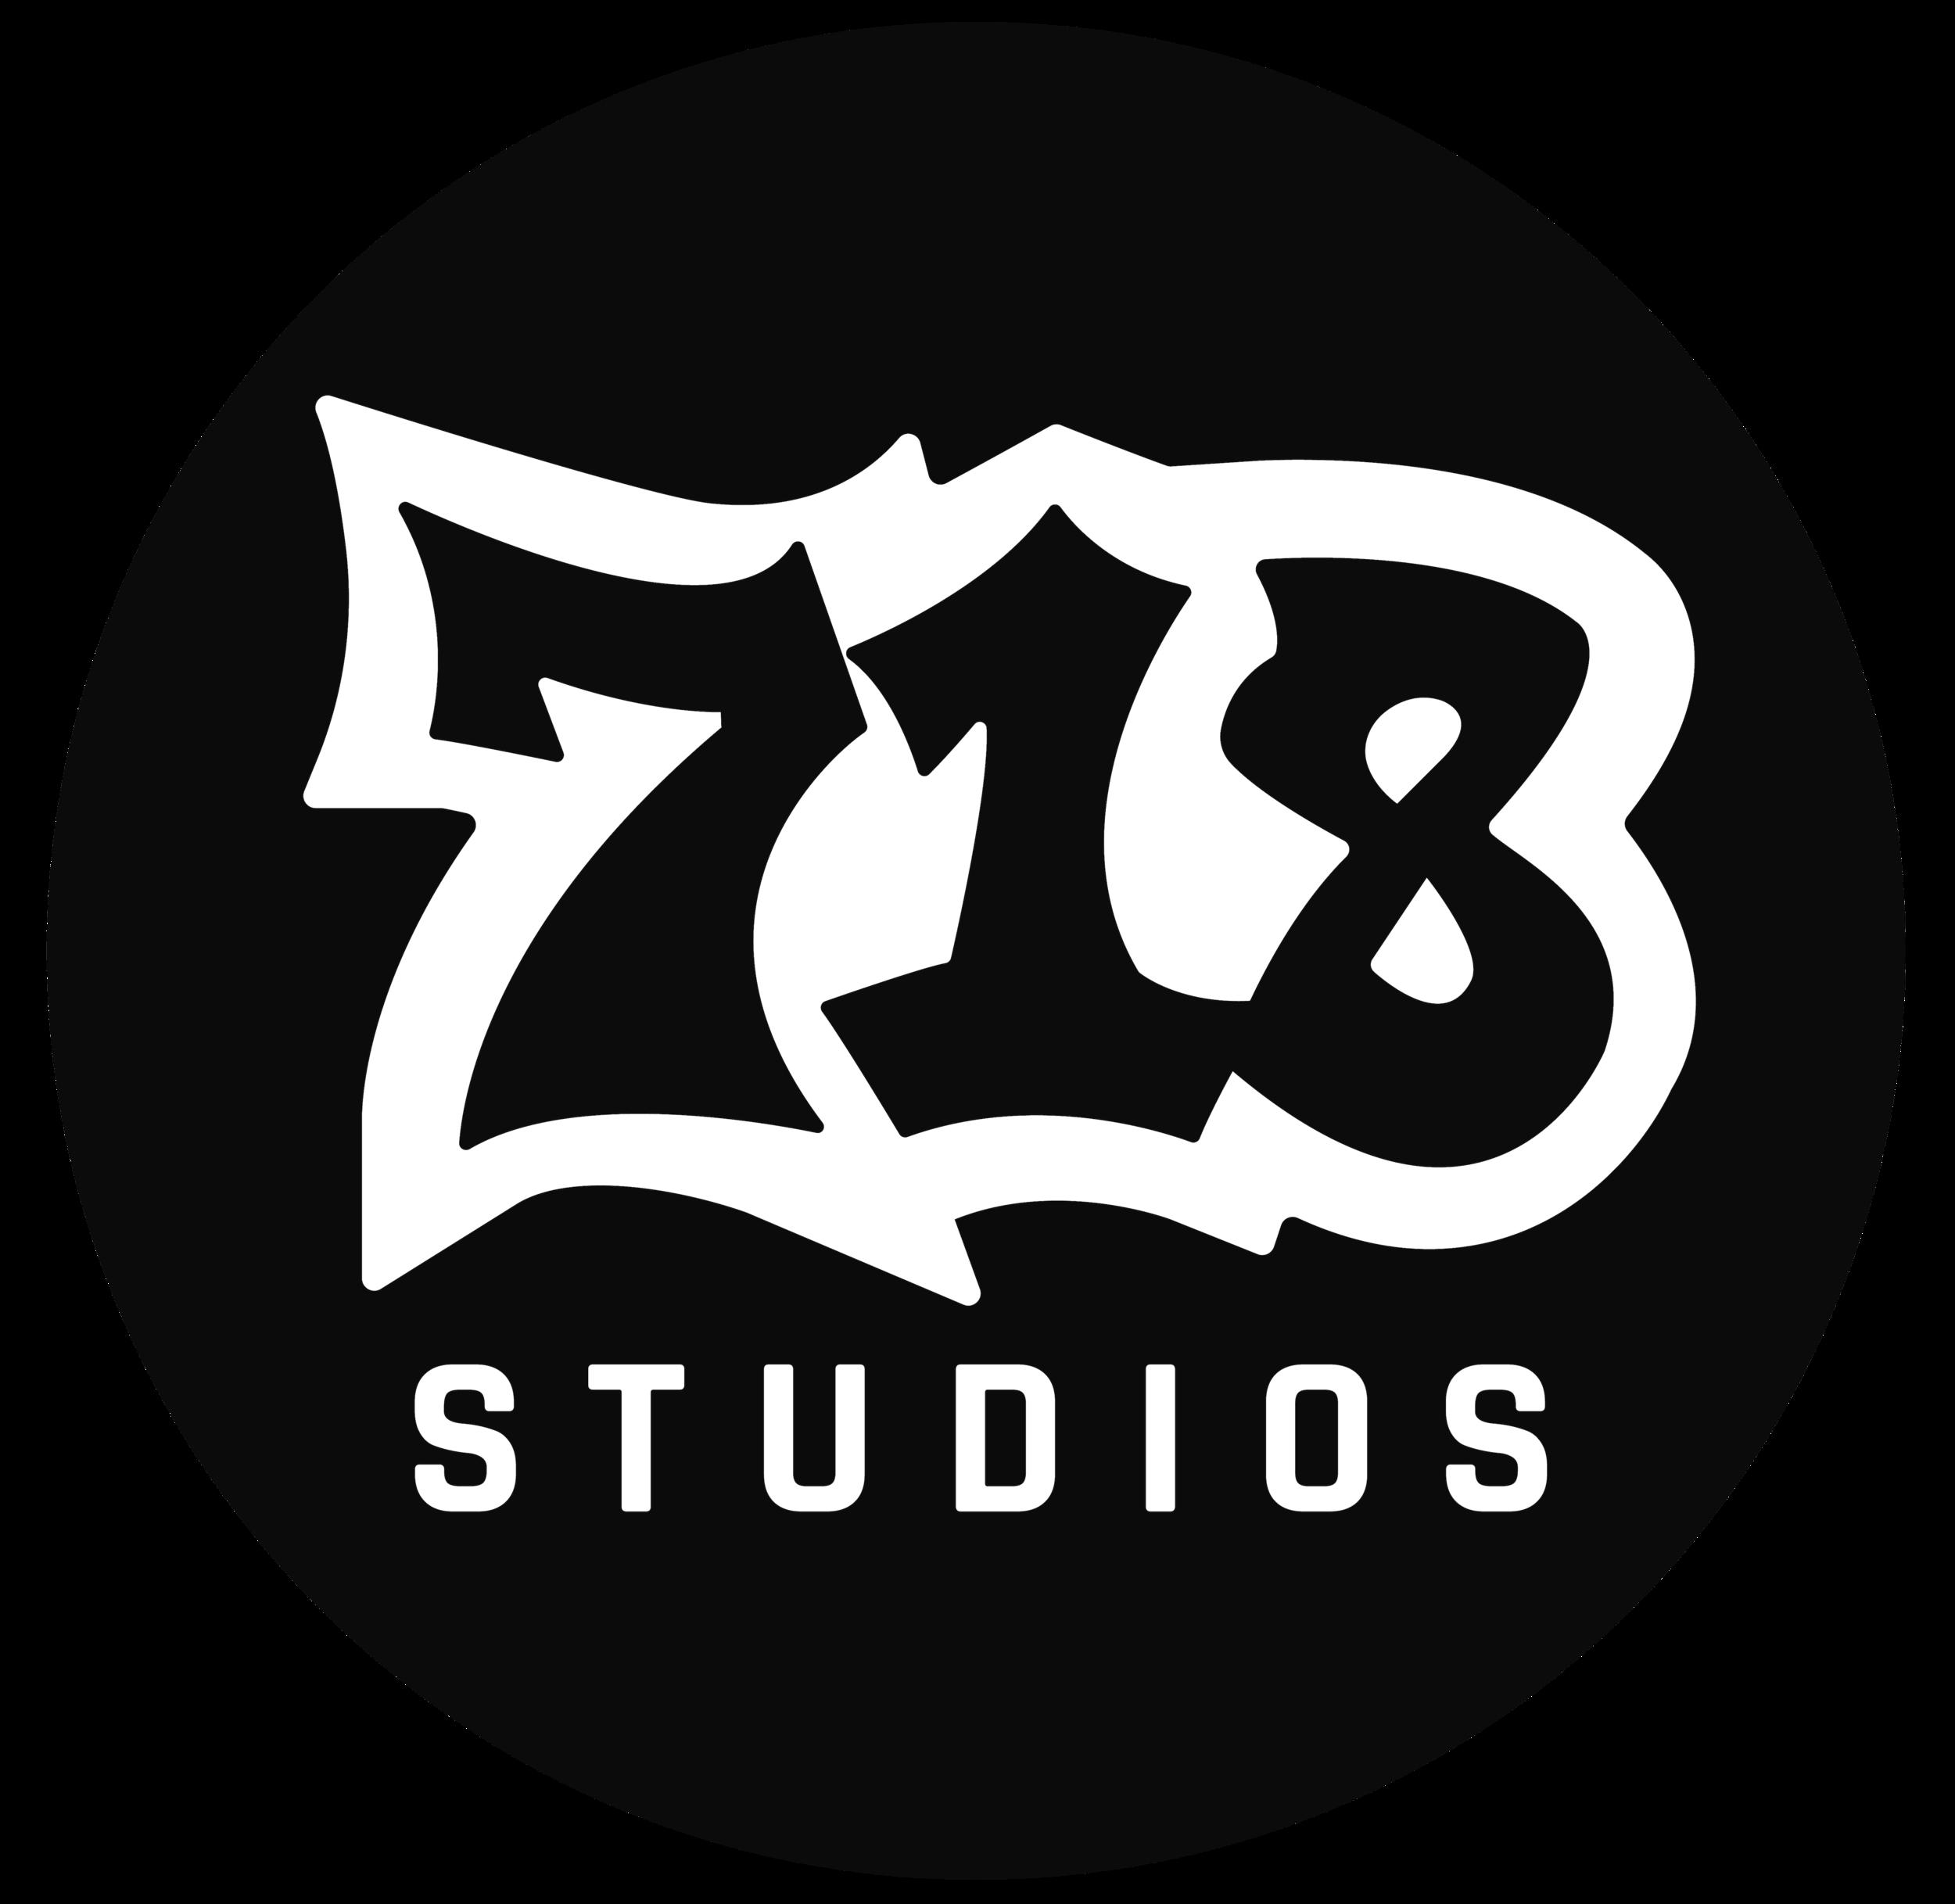 718-logo-21inch-white-black-circle.png